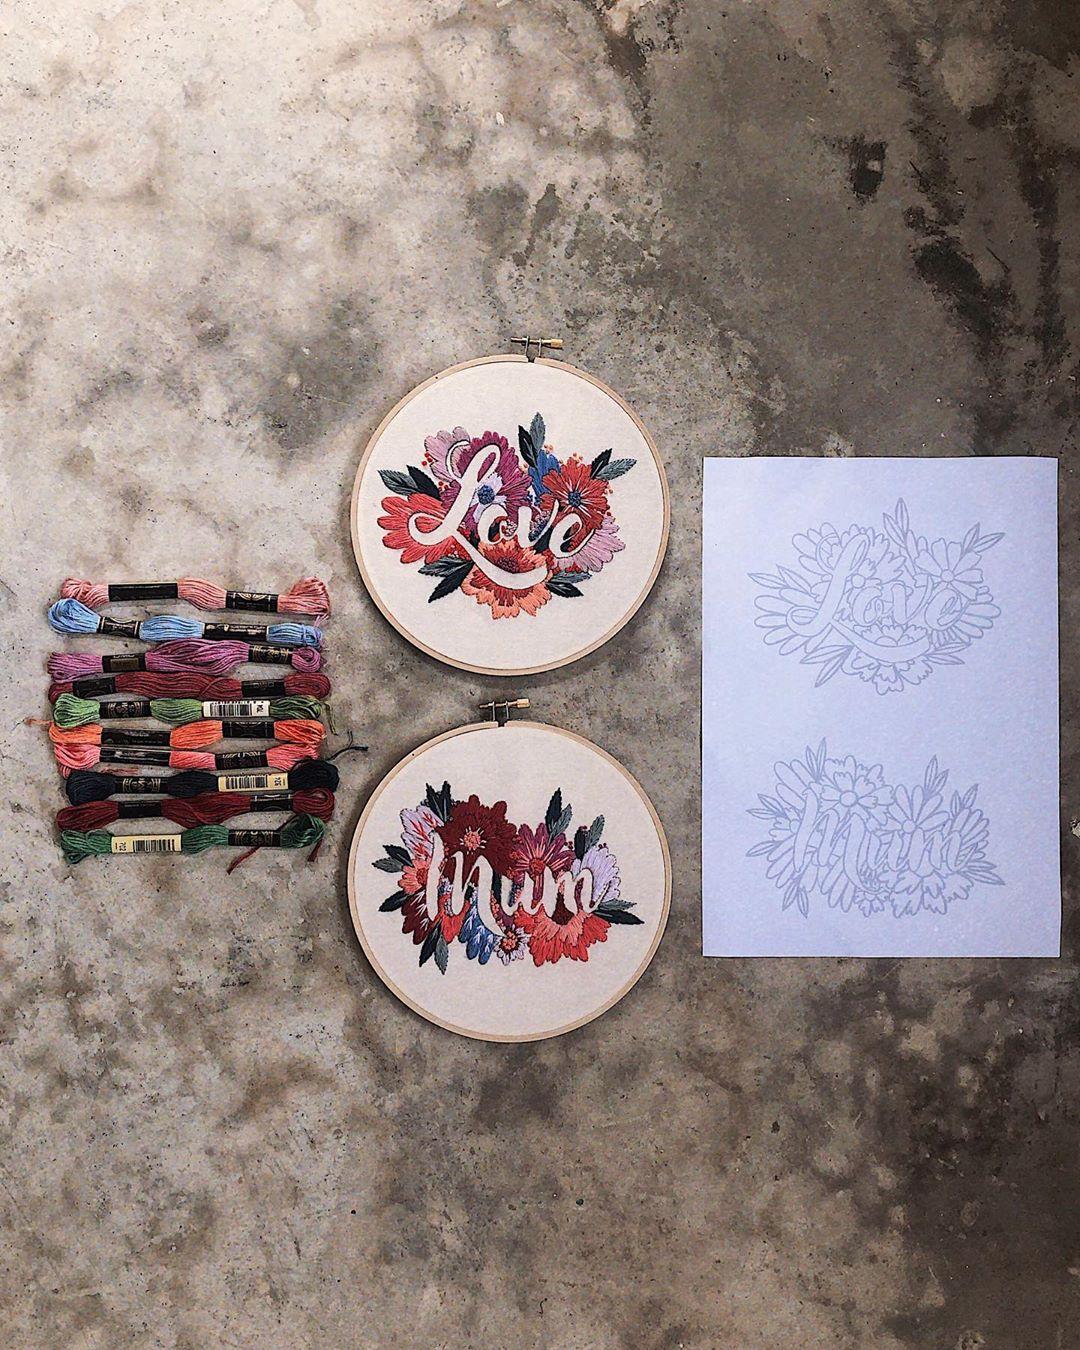 手工刺绣活动盒 - 居家活动盒